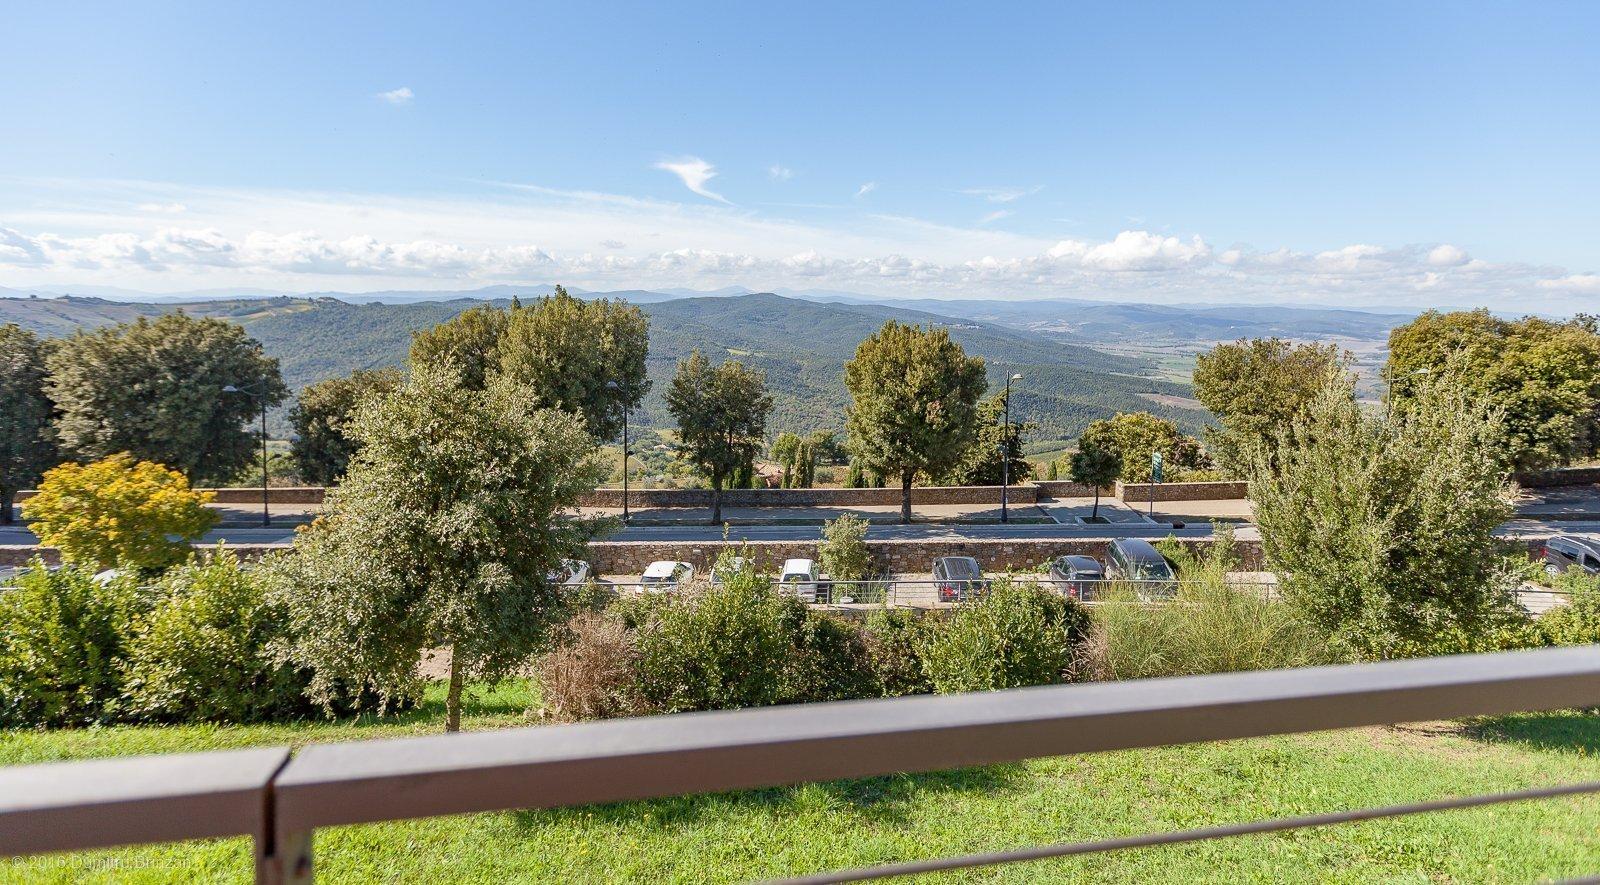 2016-montalcino-tuscany-italy-7